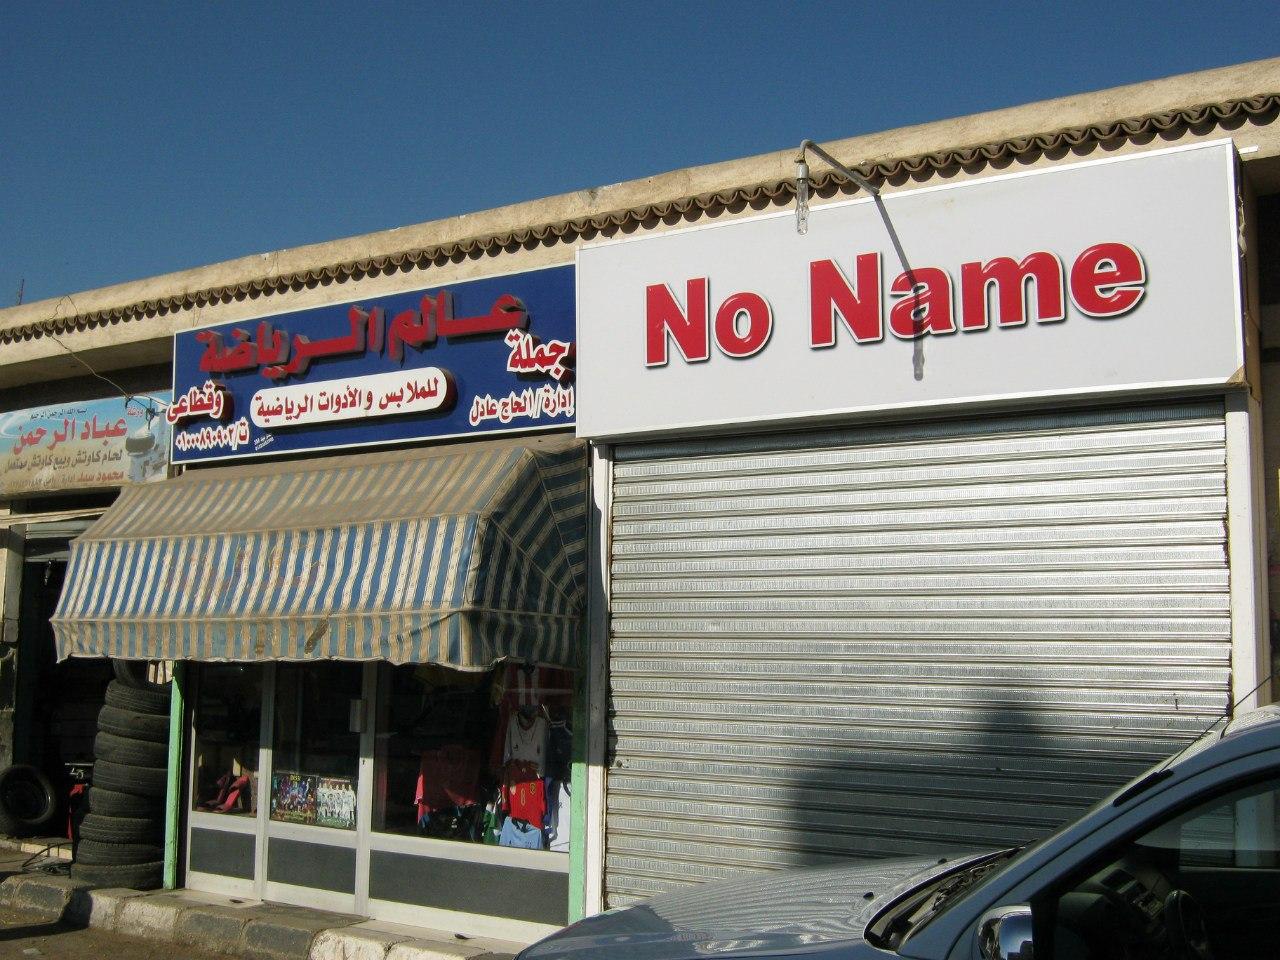 В египетском городе магазин без имени